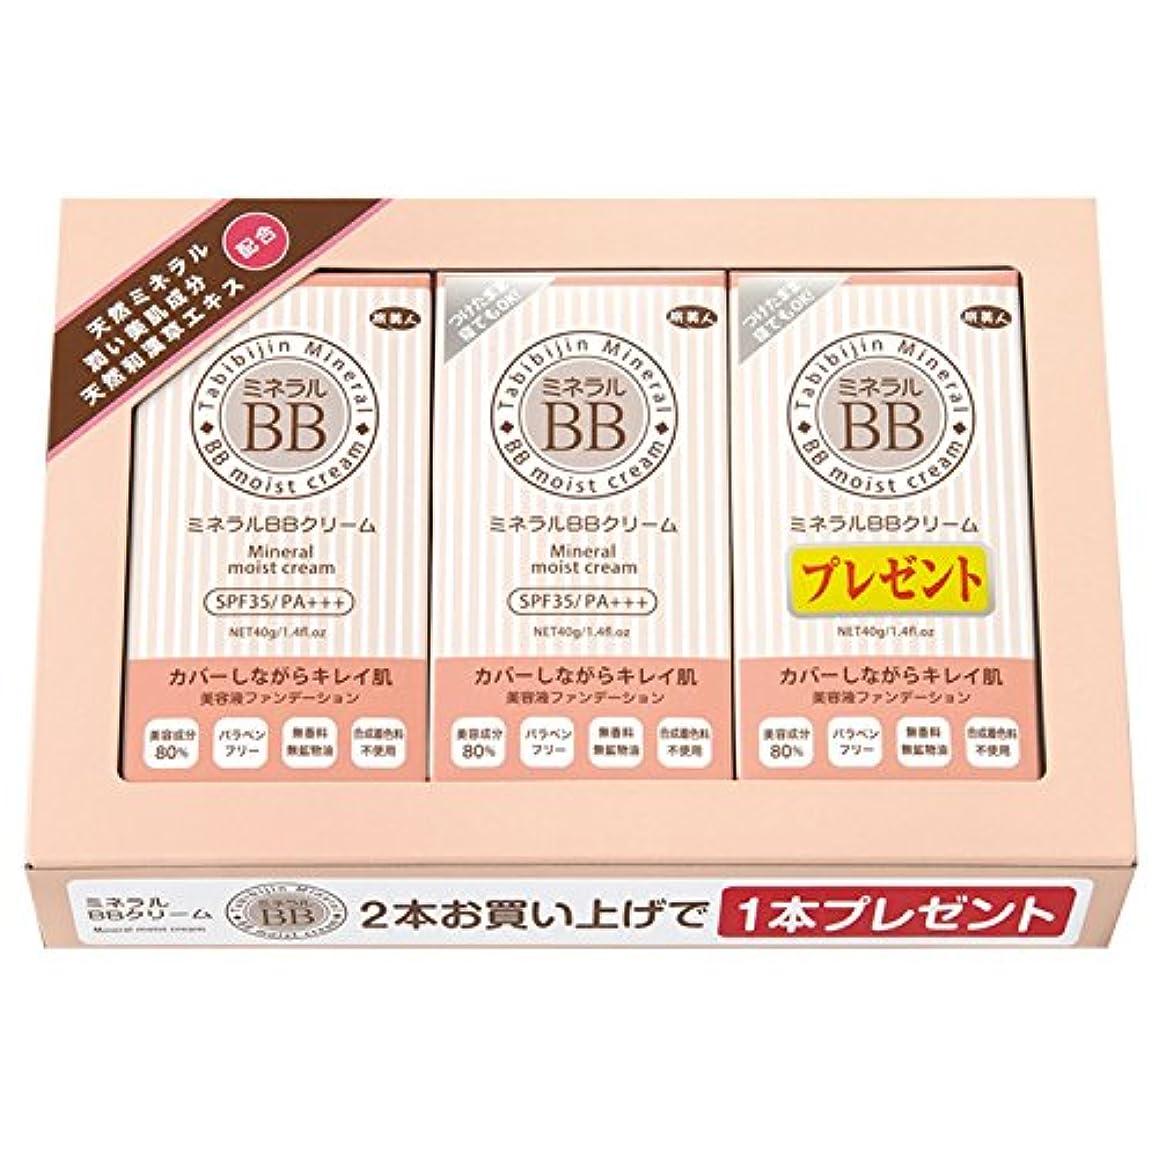 ゴミ経験スカルクアズマ商事の ミネラルBBクリーム お得な 2本のお値段で3本入りセット